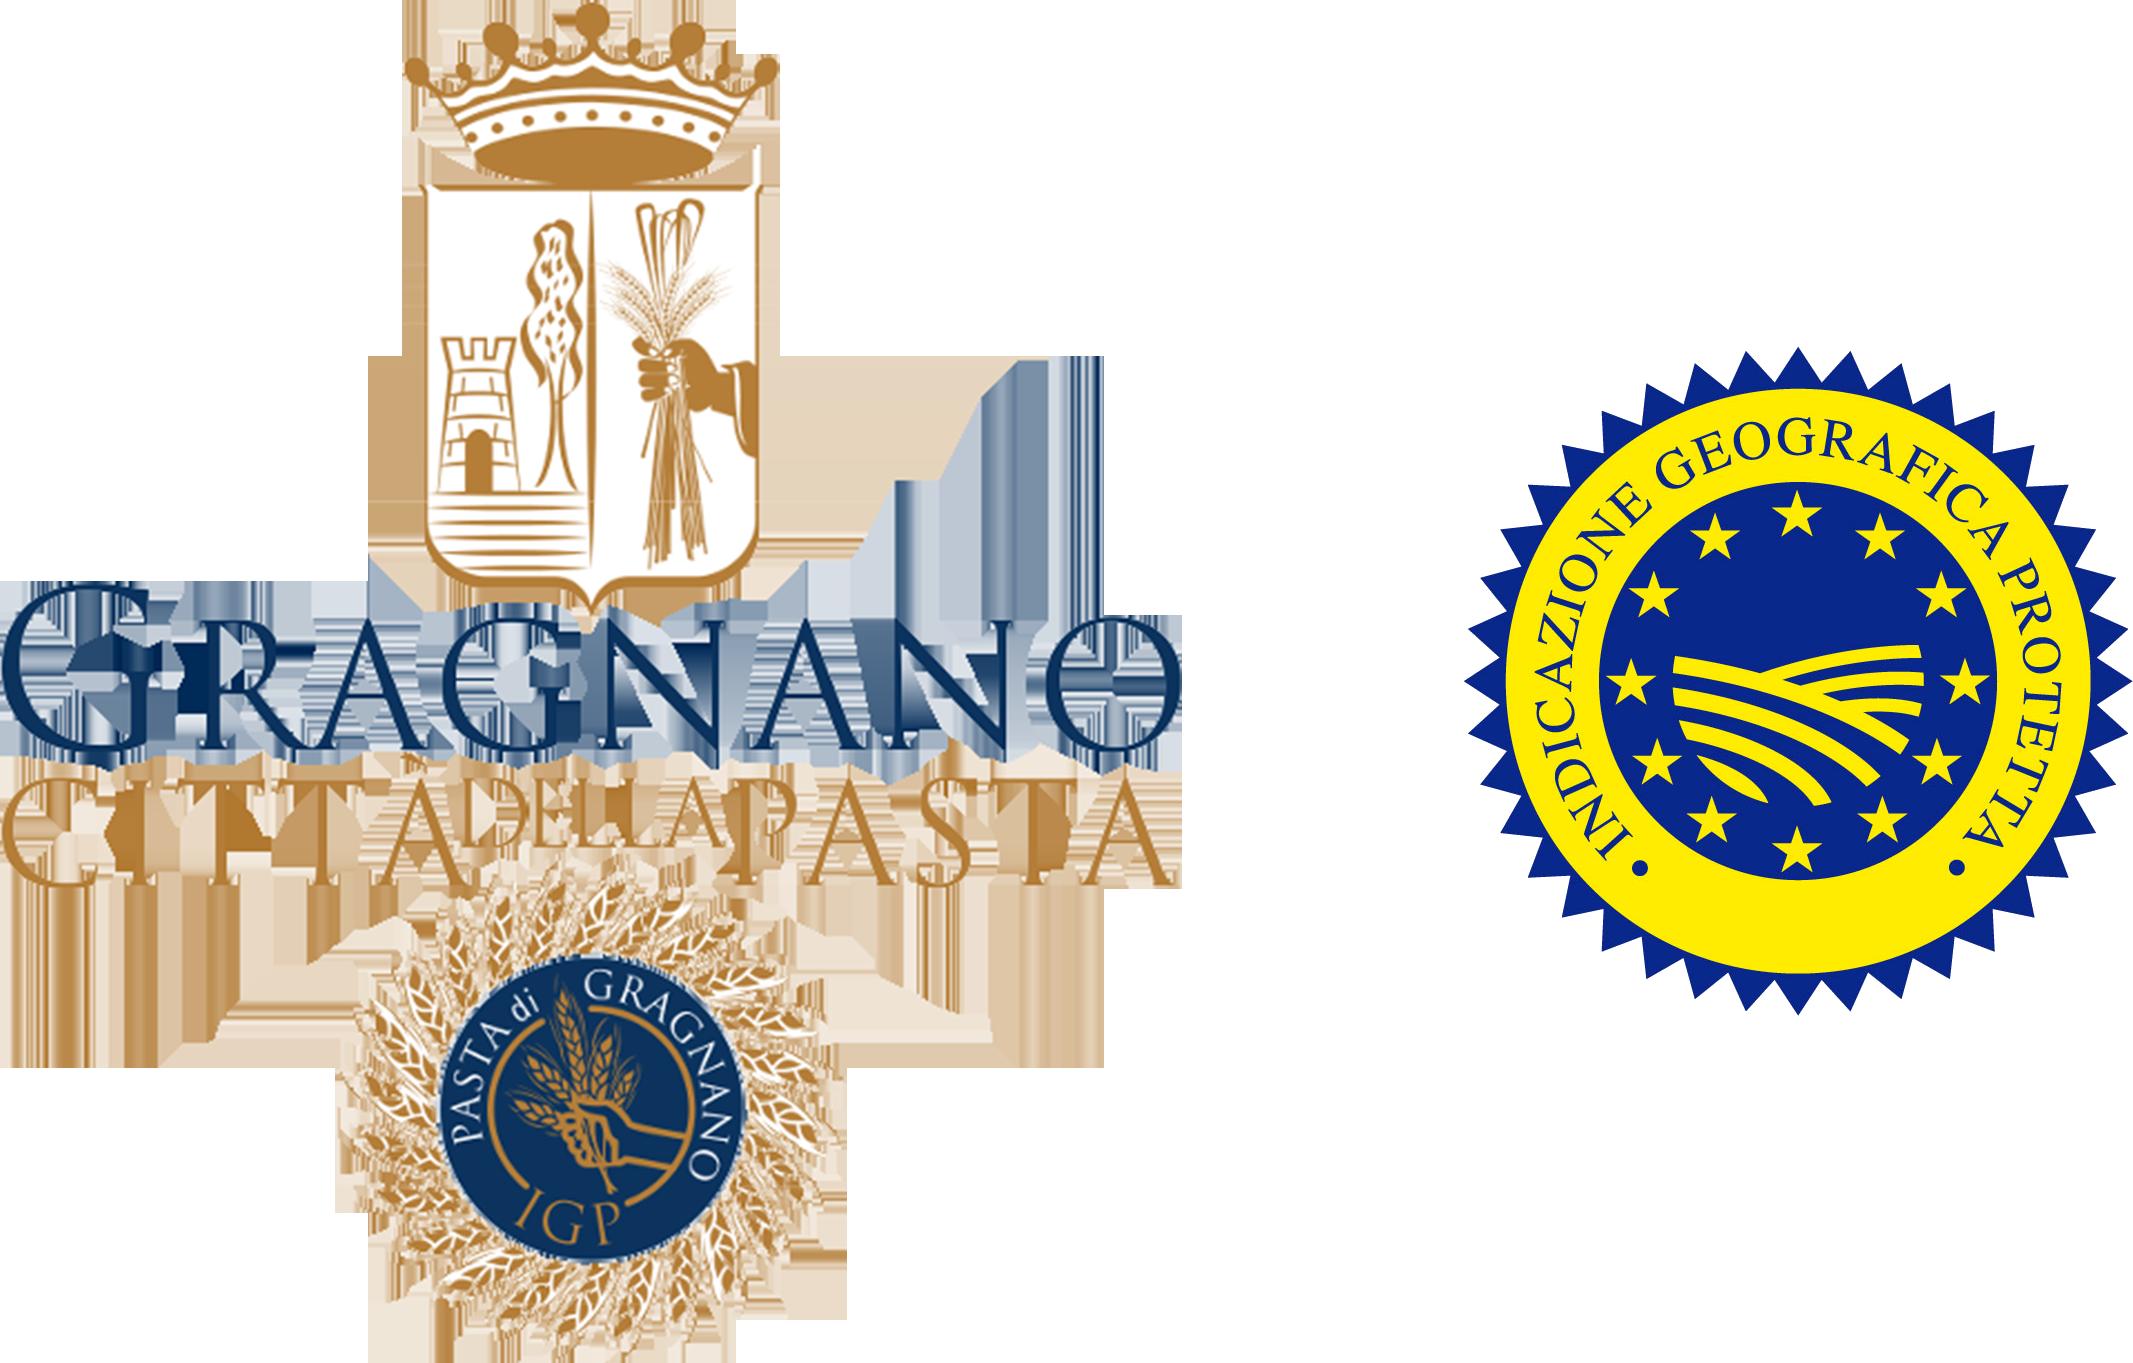 IGP Gragnano